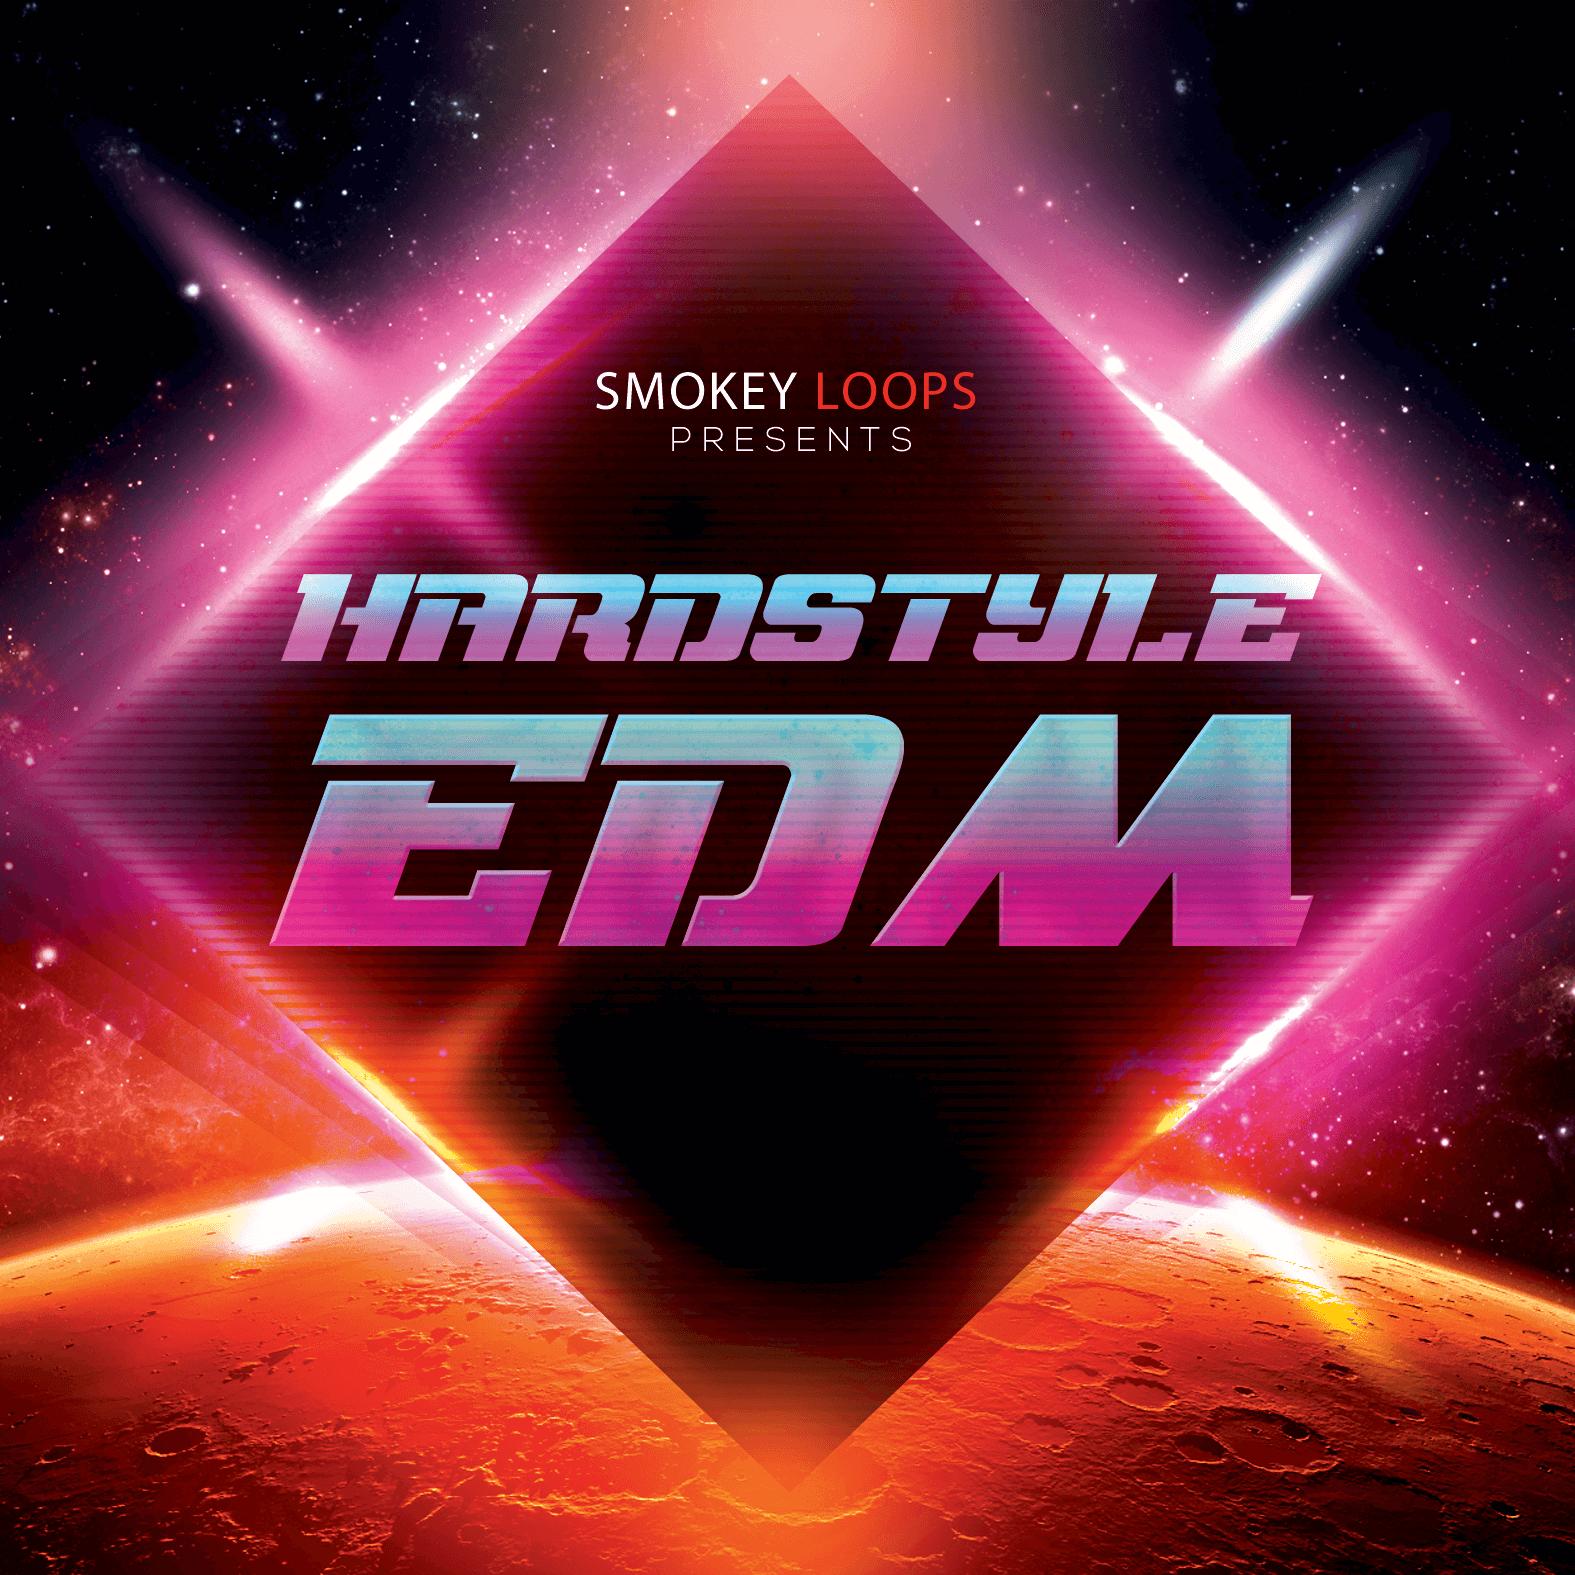 Hardstyle EDM